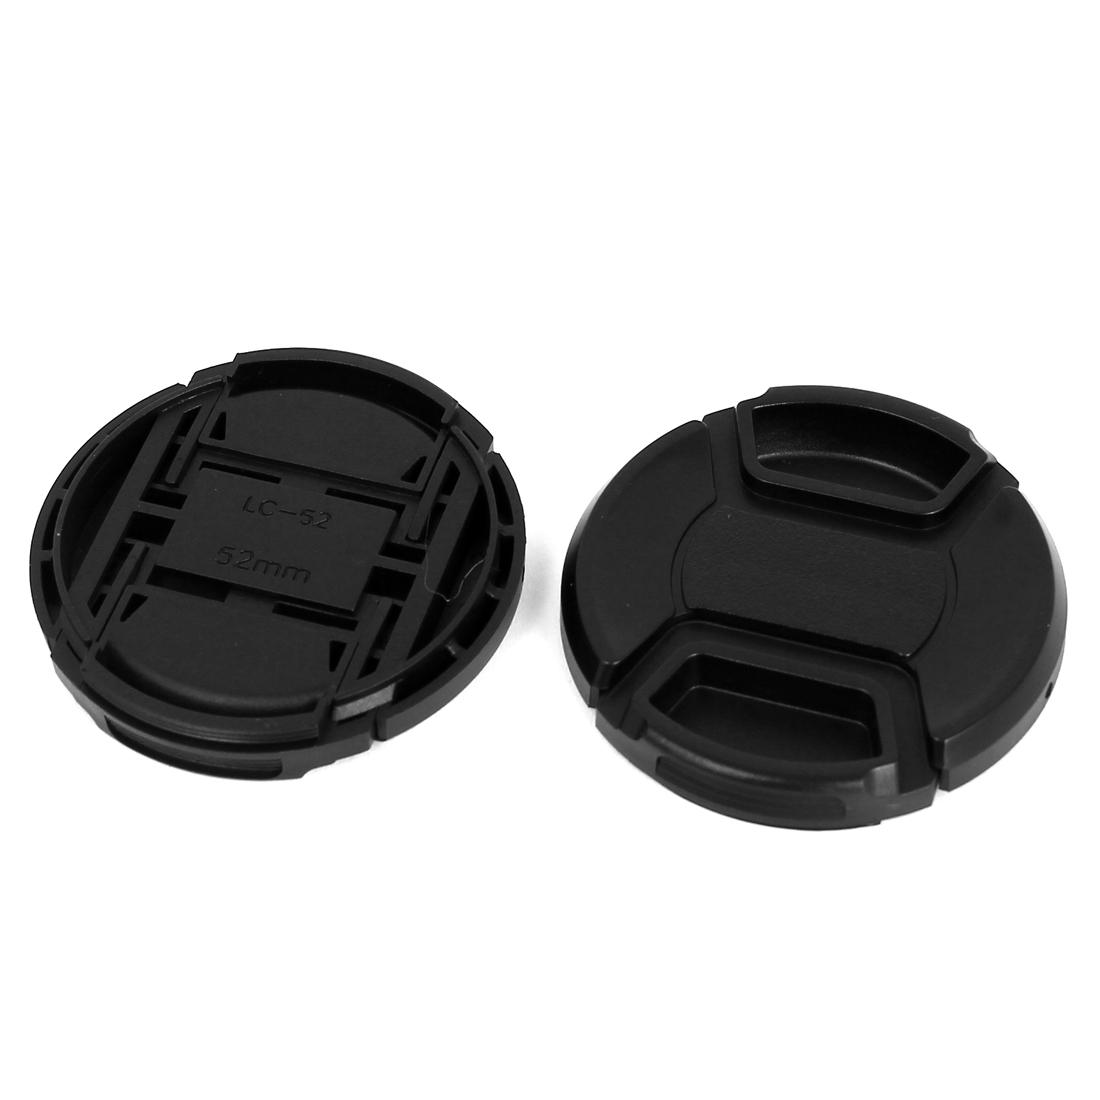 52mm Dia Plastic Front Snap Digital Camera Lens Caps Cover Protector Black 2Pcs